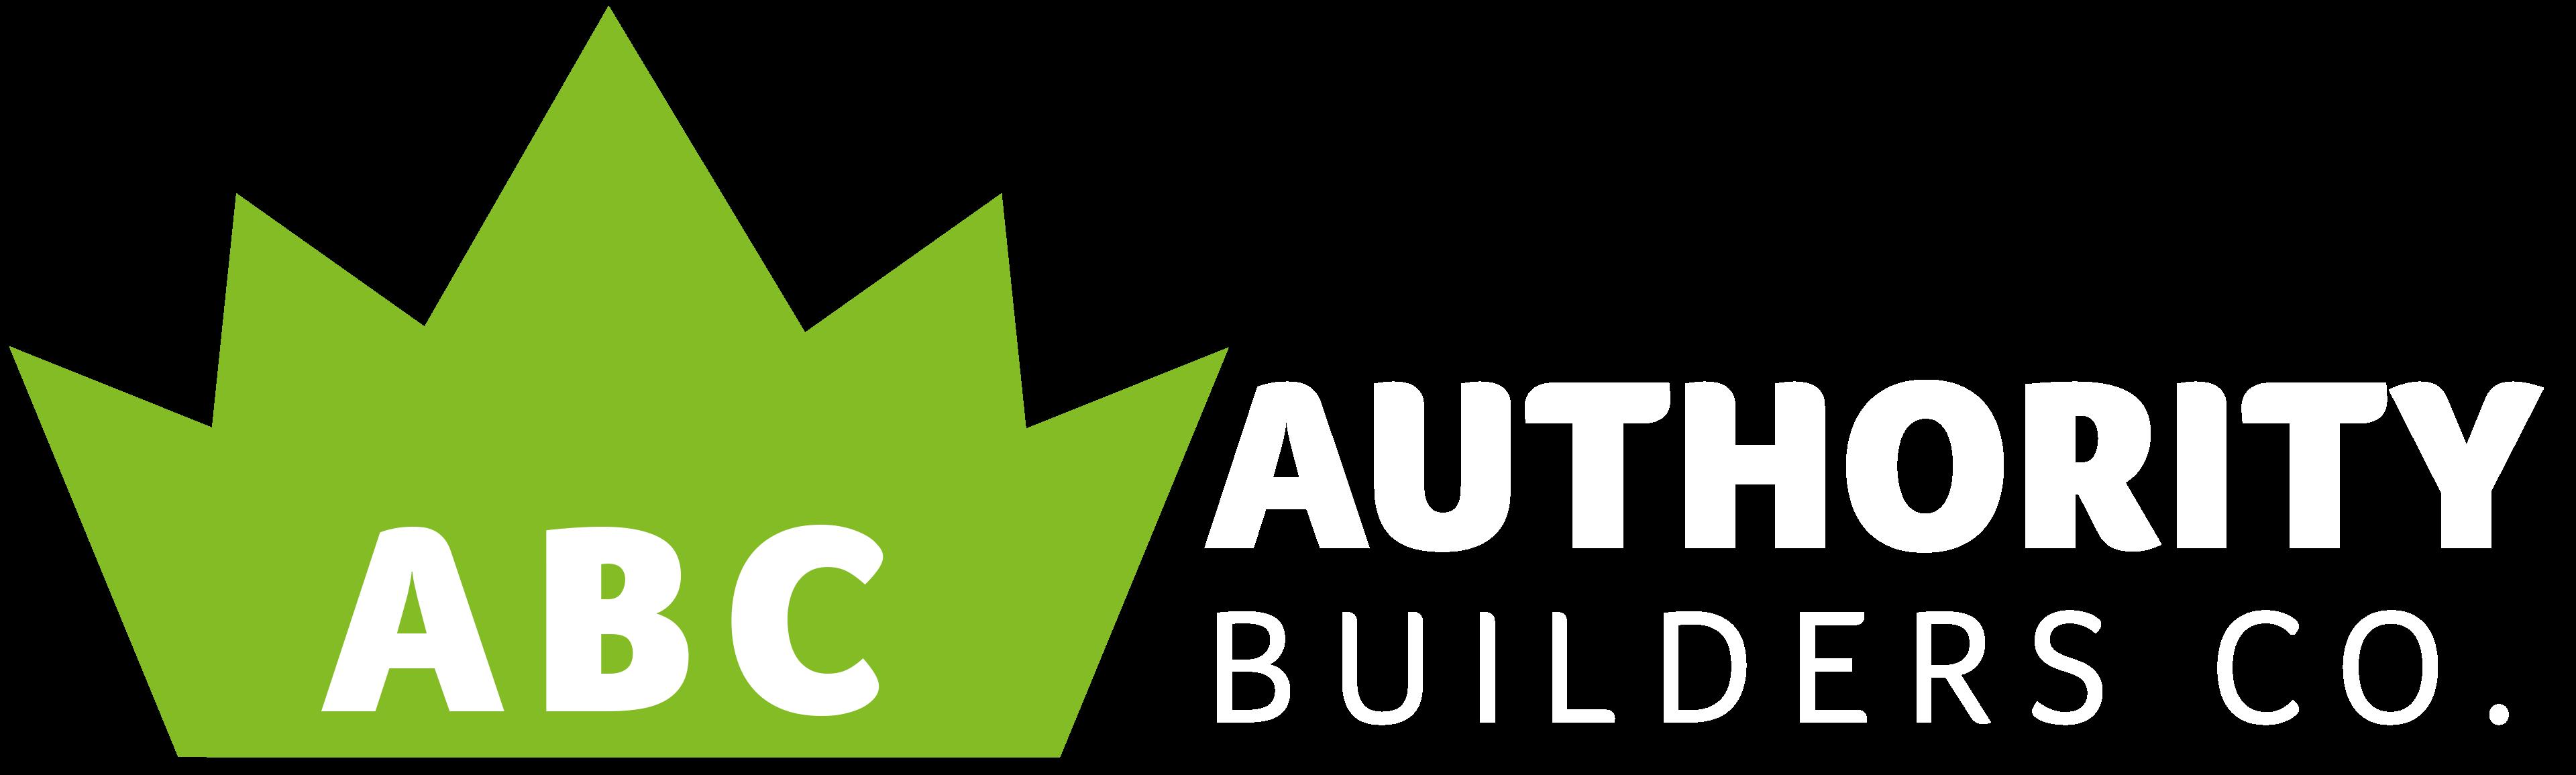 Authority Builders